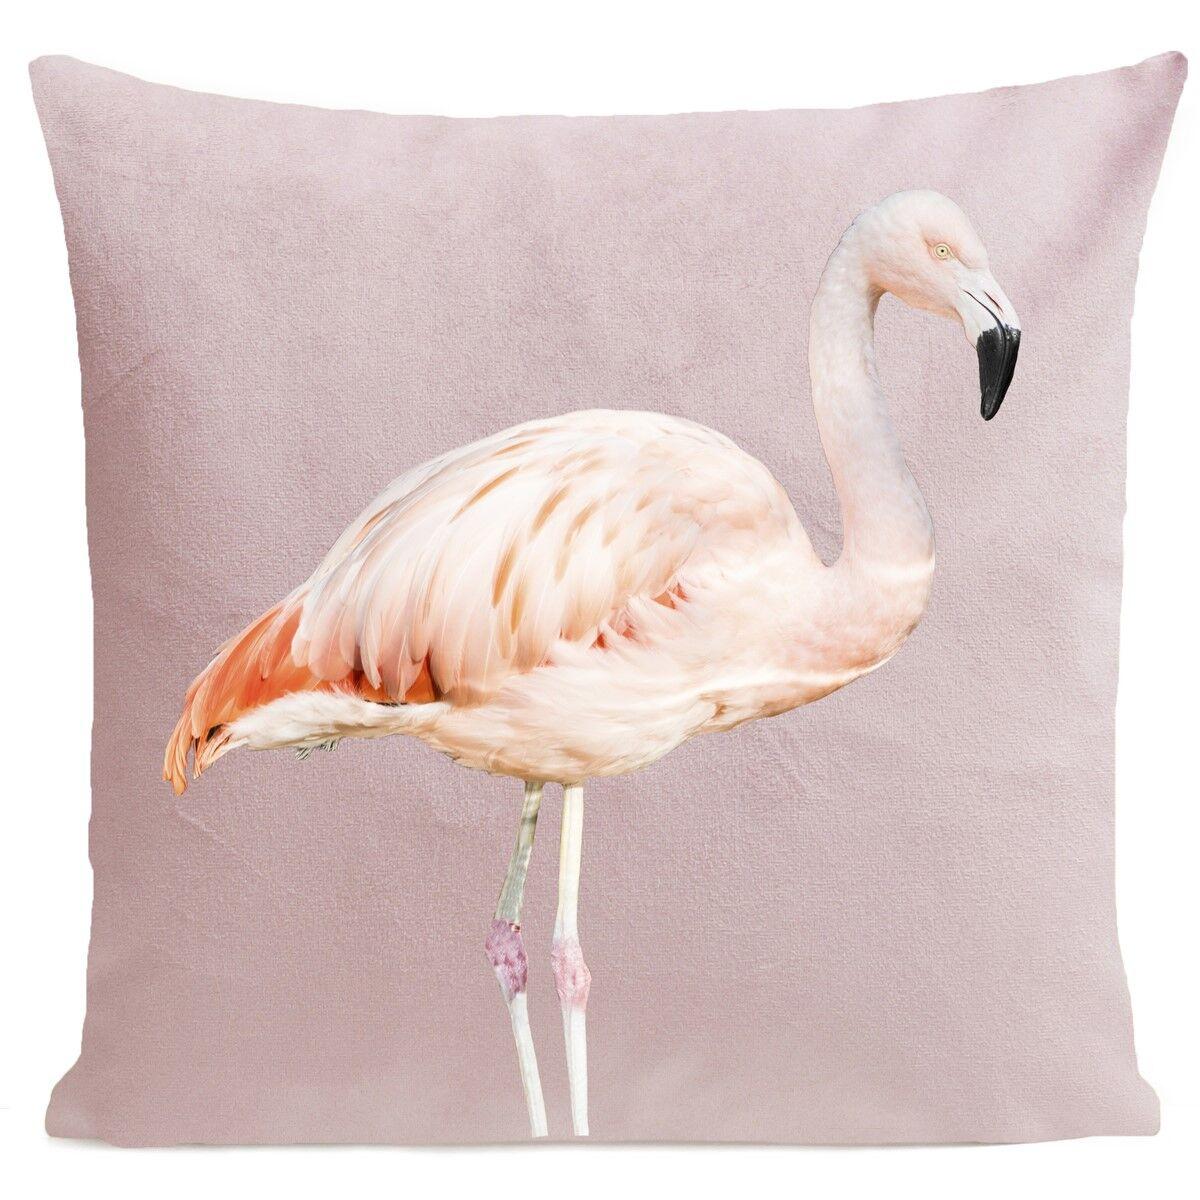 Artpilo Coussin velours carré imprimé animaux rose pastel 40x40